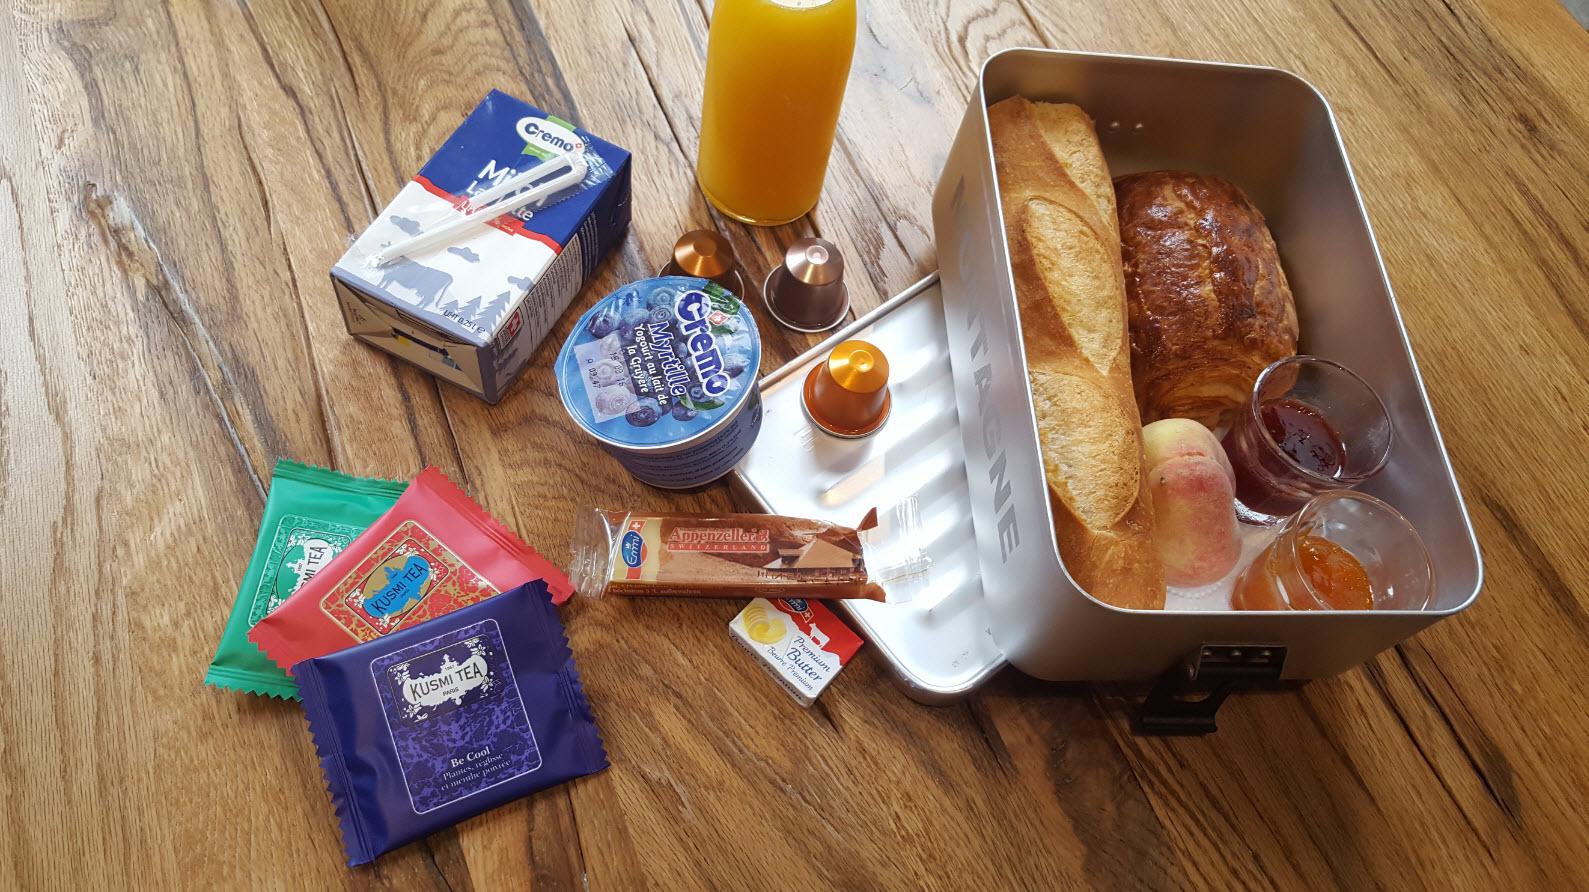 Livraison de petit dejeuner